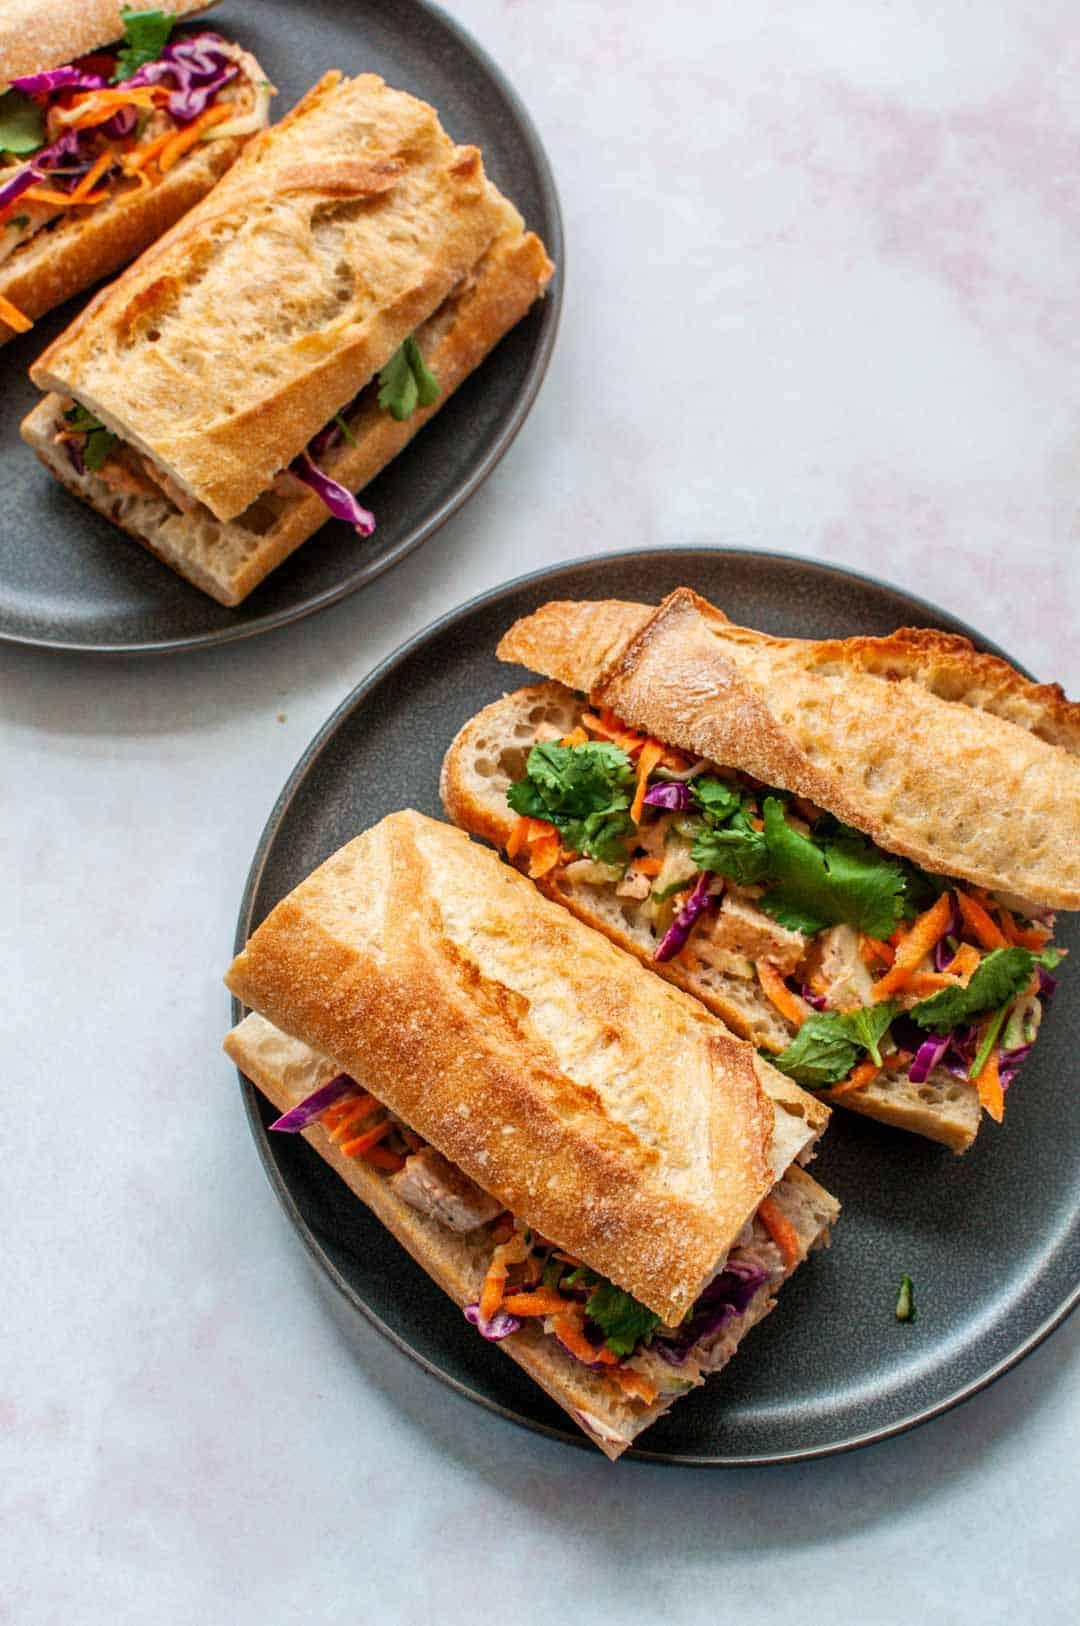 turkey banh mi sandwiches on a grey plate